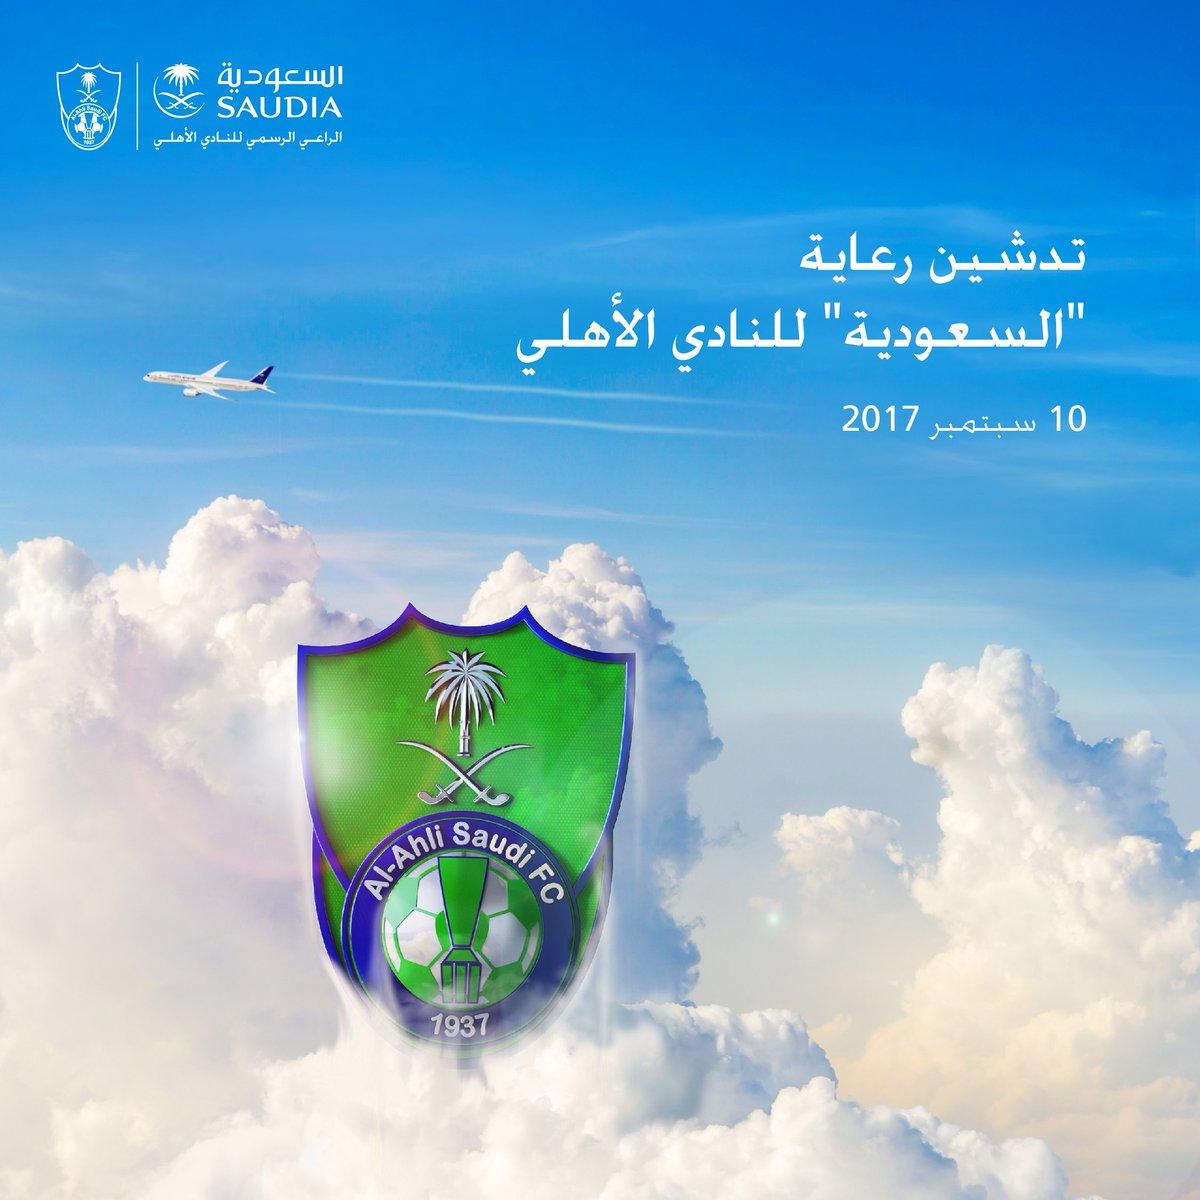 تستمر #الخطوط_السعودية بدعم شباب الوطن وتتشرف بتدشين رعايتها للنادي #الاهلي السعودي يوم الأحد 10 سبتمبر